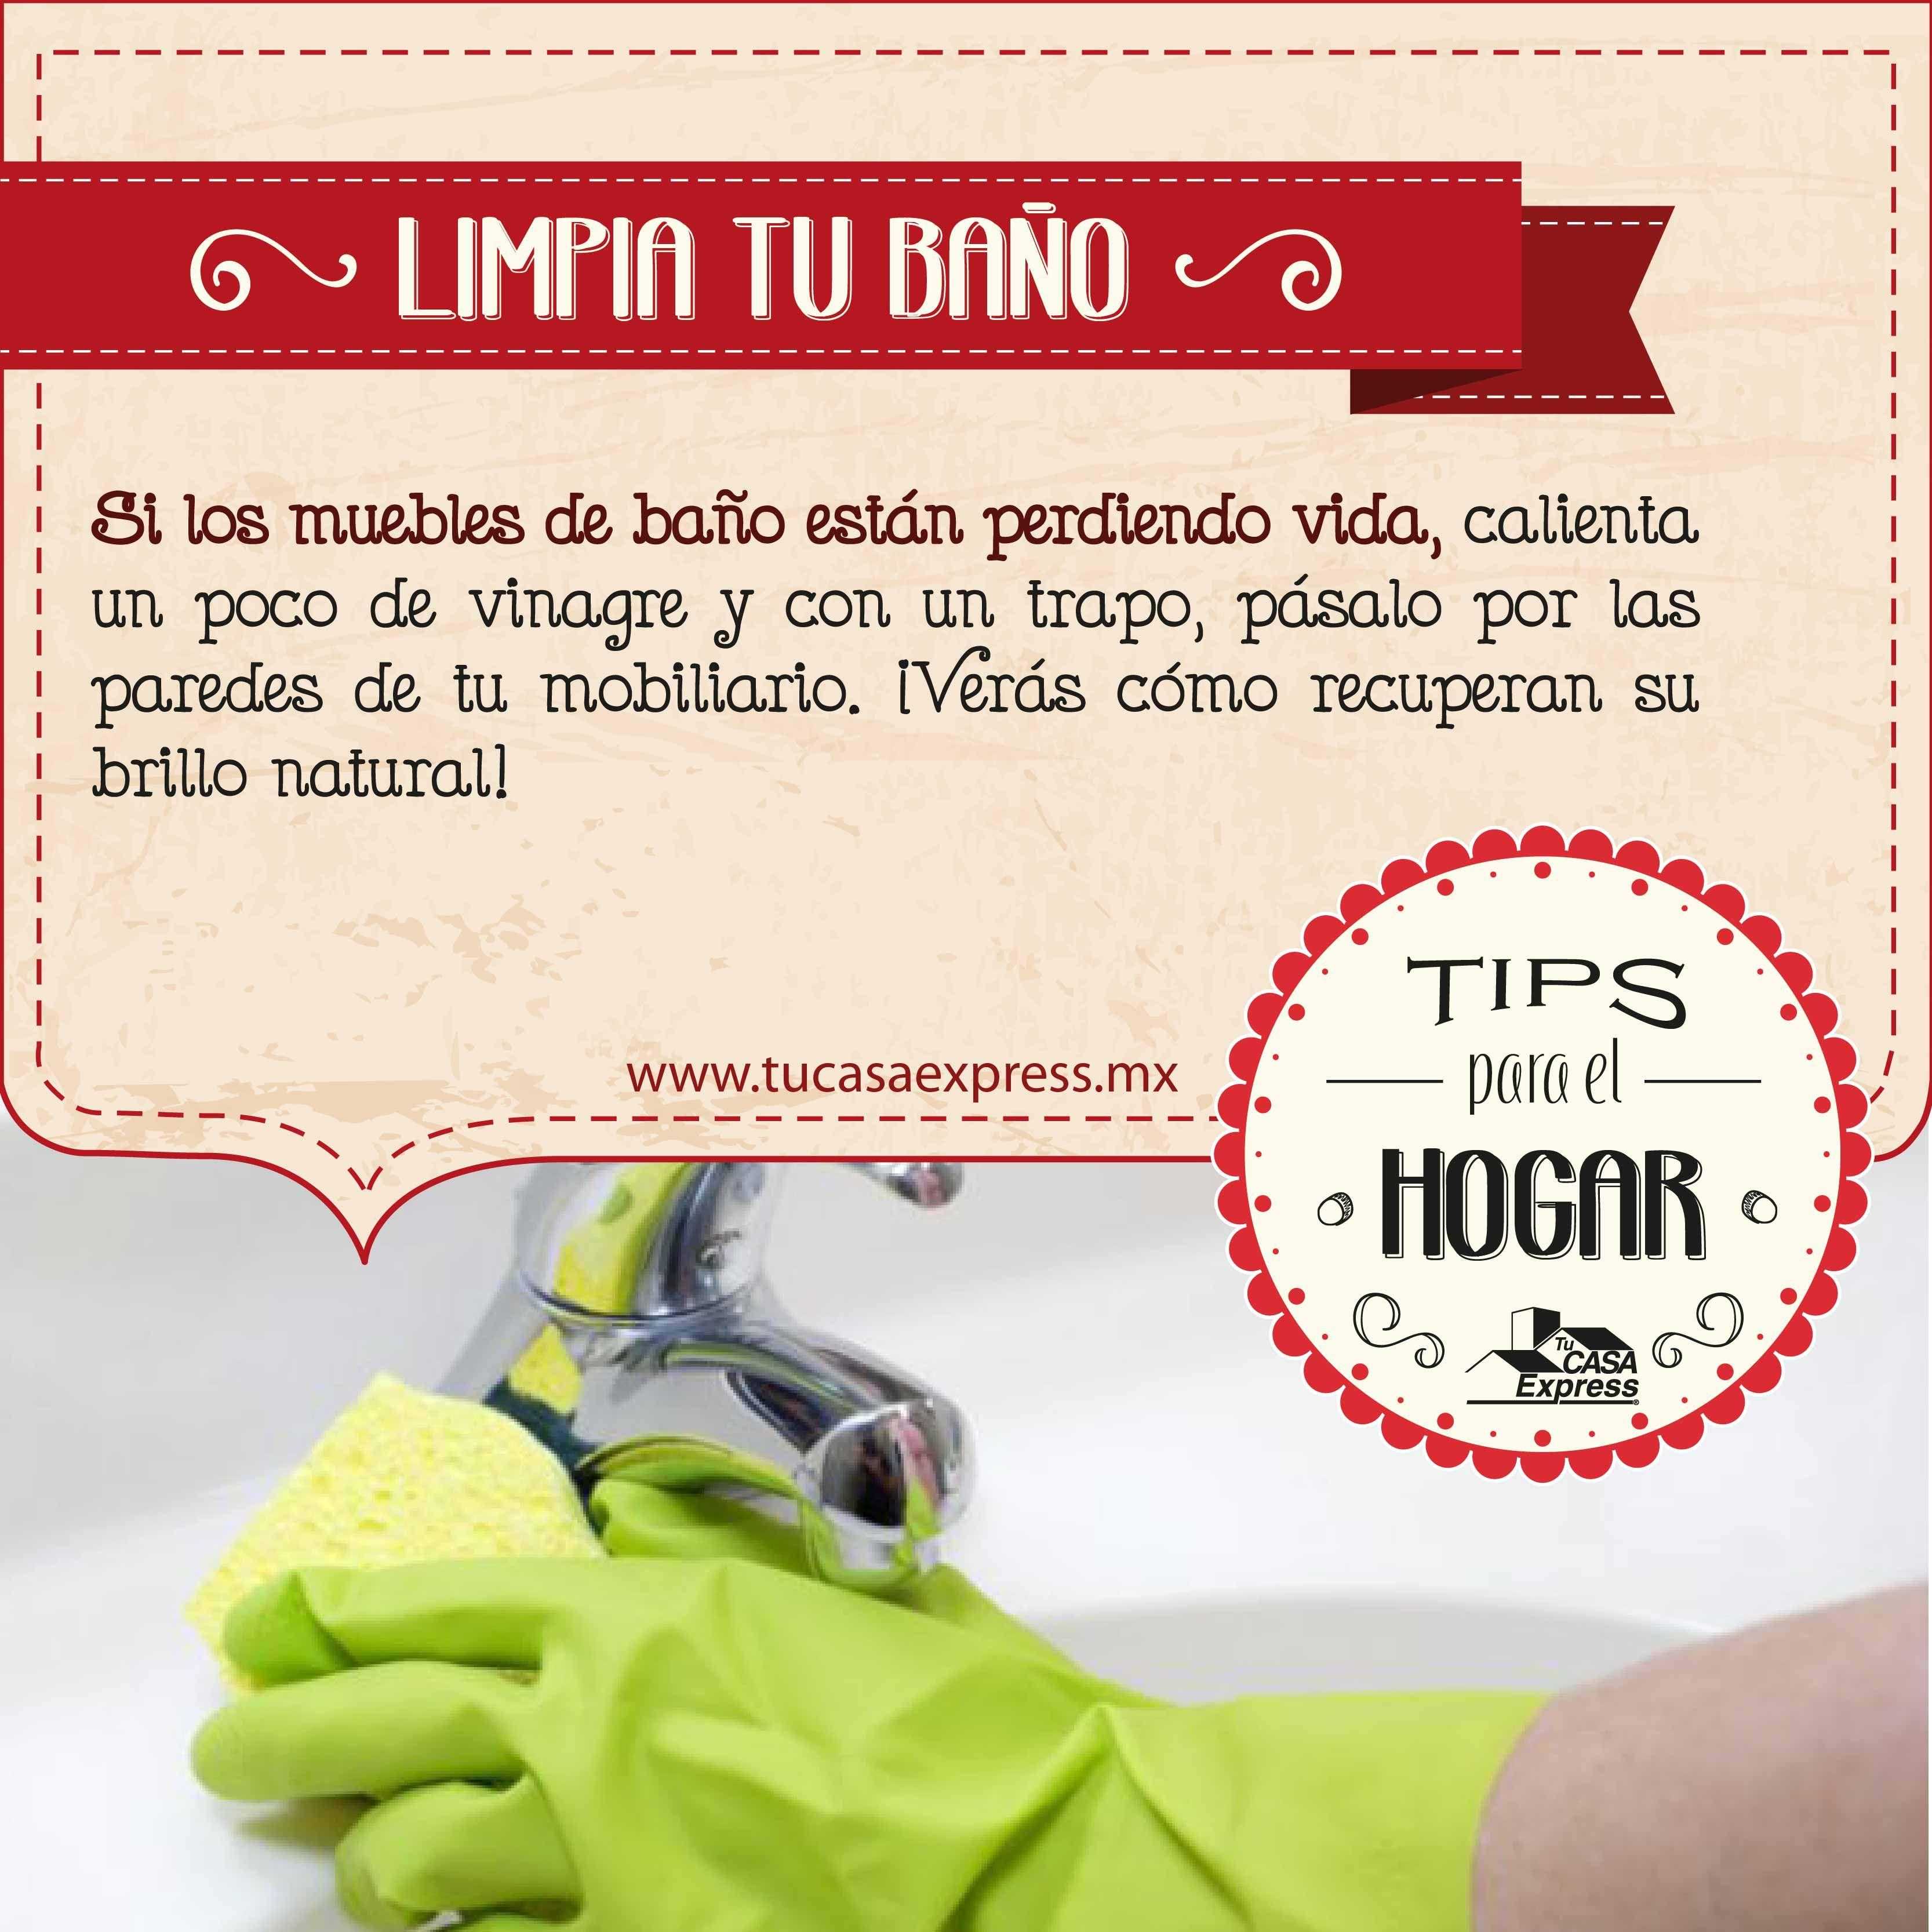 Trucos de limpieza de la casa beautiful trucos de - Trucos limpieza casa ...